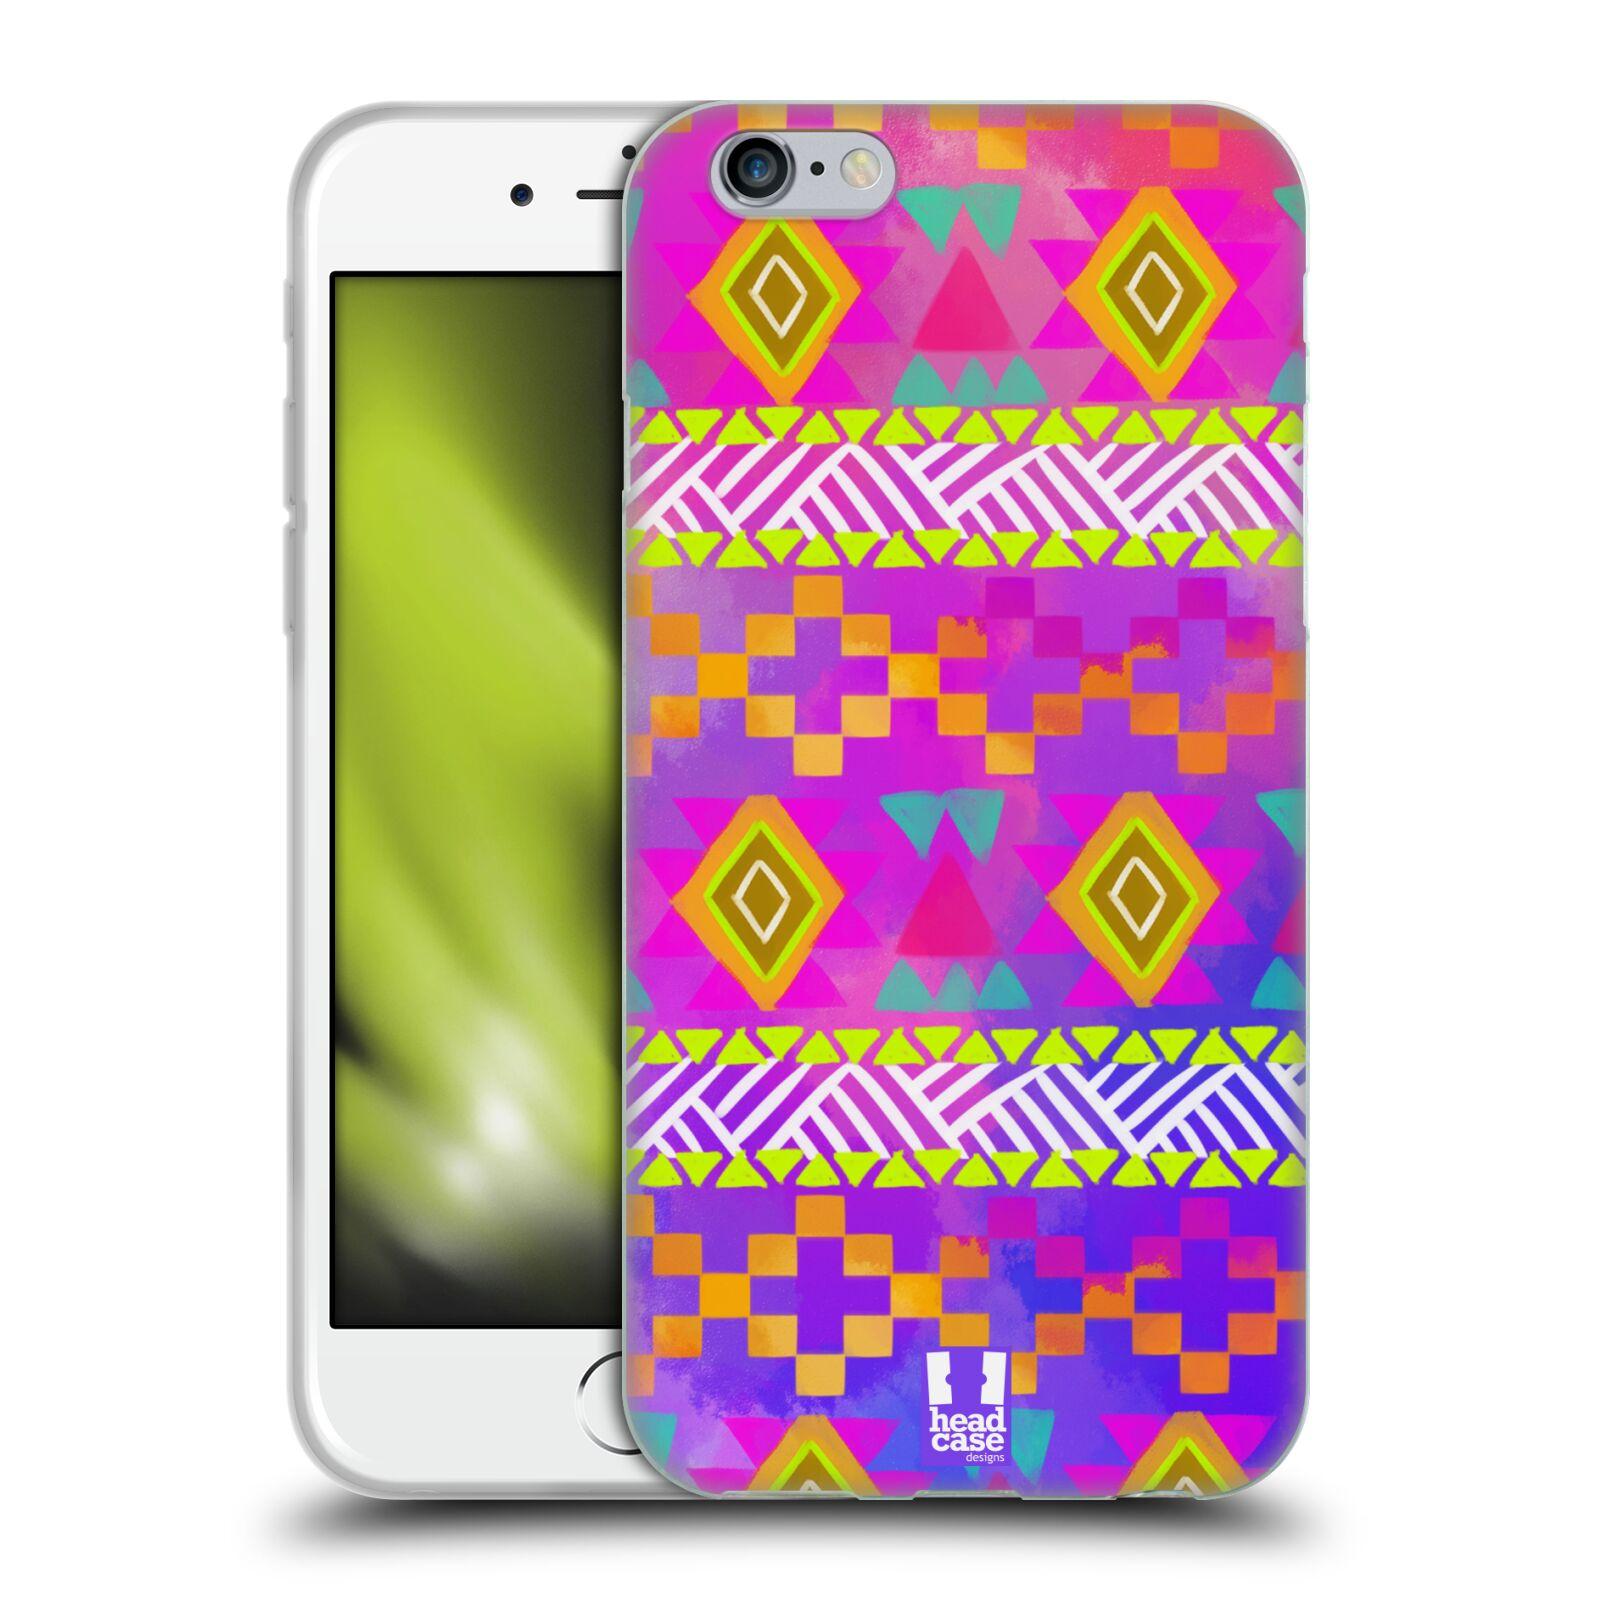 HEAD CASE silikonový obal na mobil Apple Iphone 6/6S vzor CIK CAK barevné znaky fuchsie